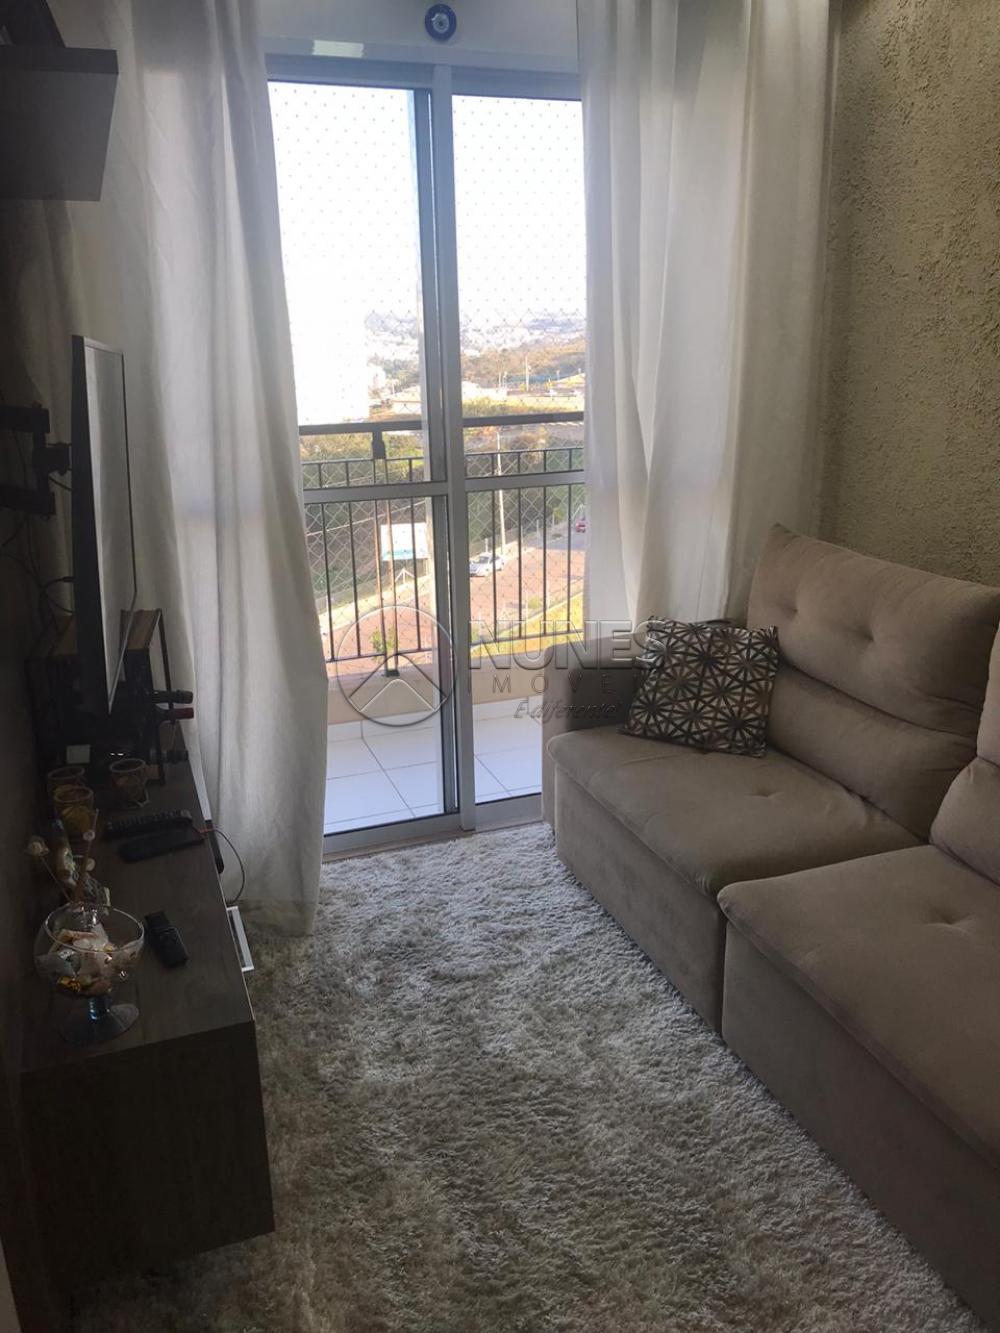 Comprar Apartamento / Padrão em Jundiaí apenas R$ 280.000,00 - Foto 11